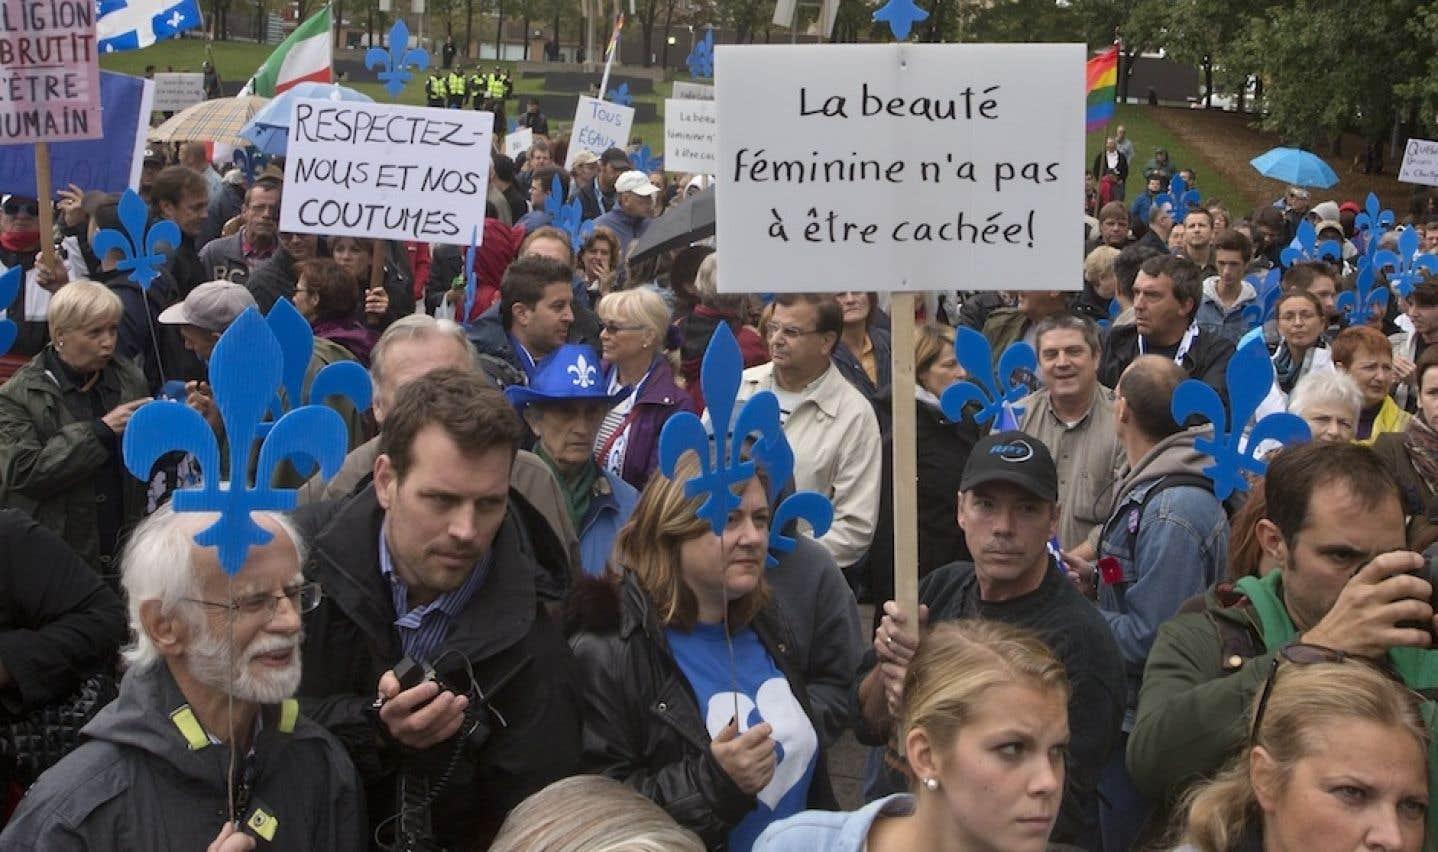 Un millier de personnes marchent pour appuyer la Charte des valeurs québécoises